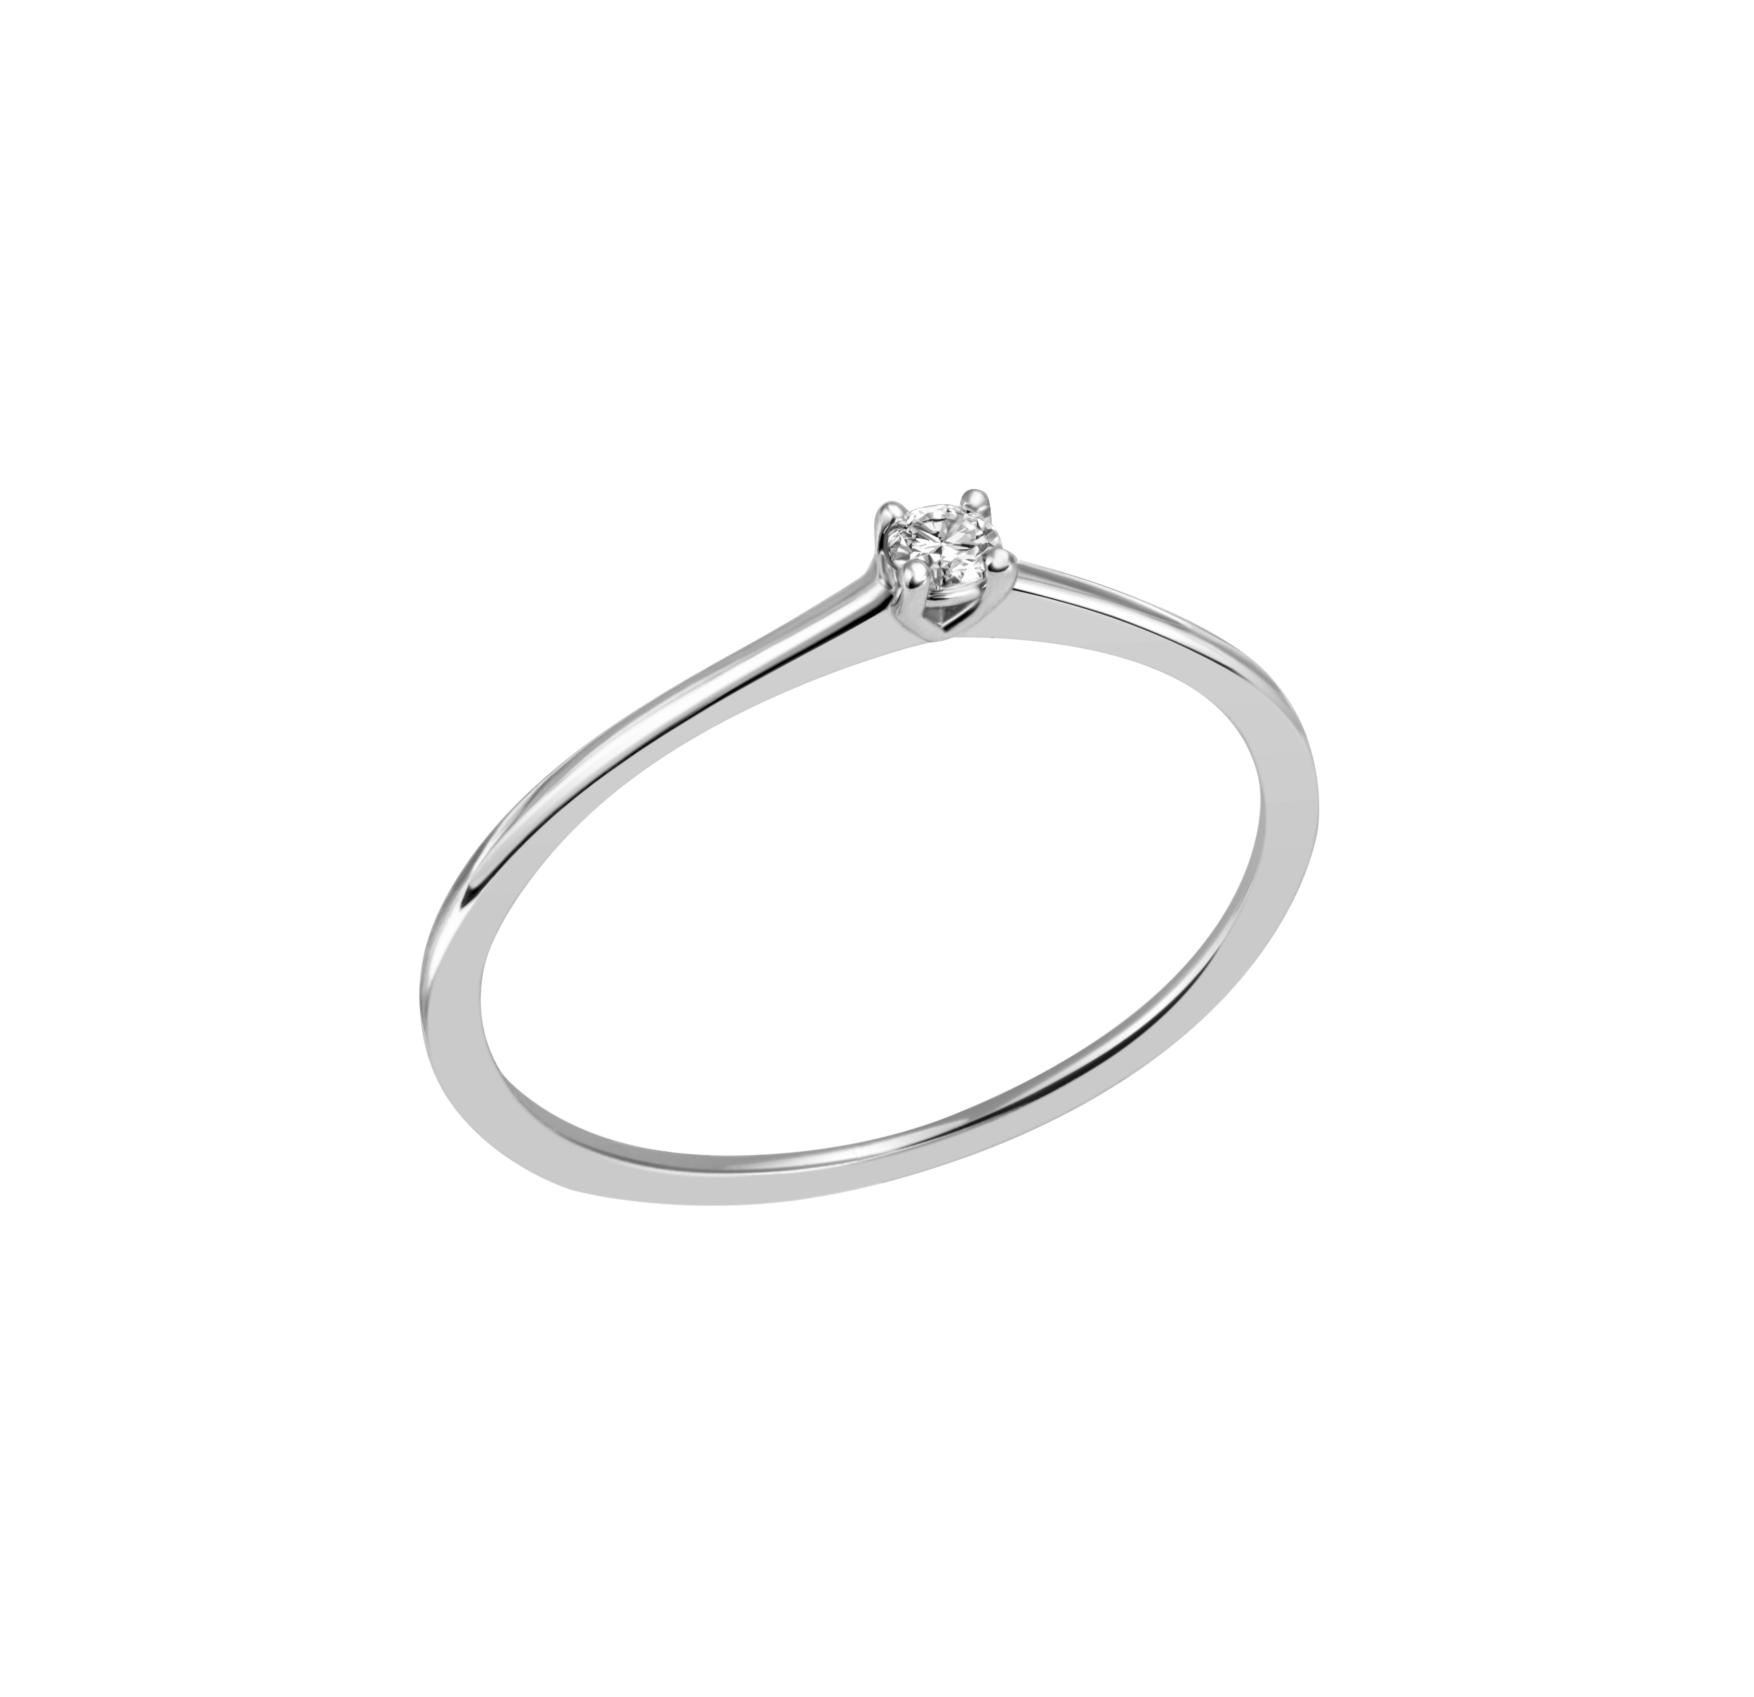 Verlobungsring Weißgold 4-Krapper 0,05 ct